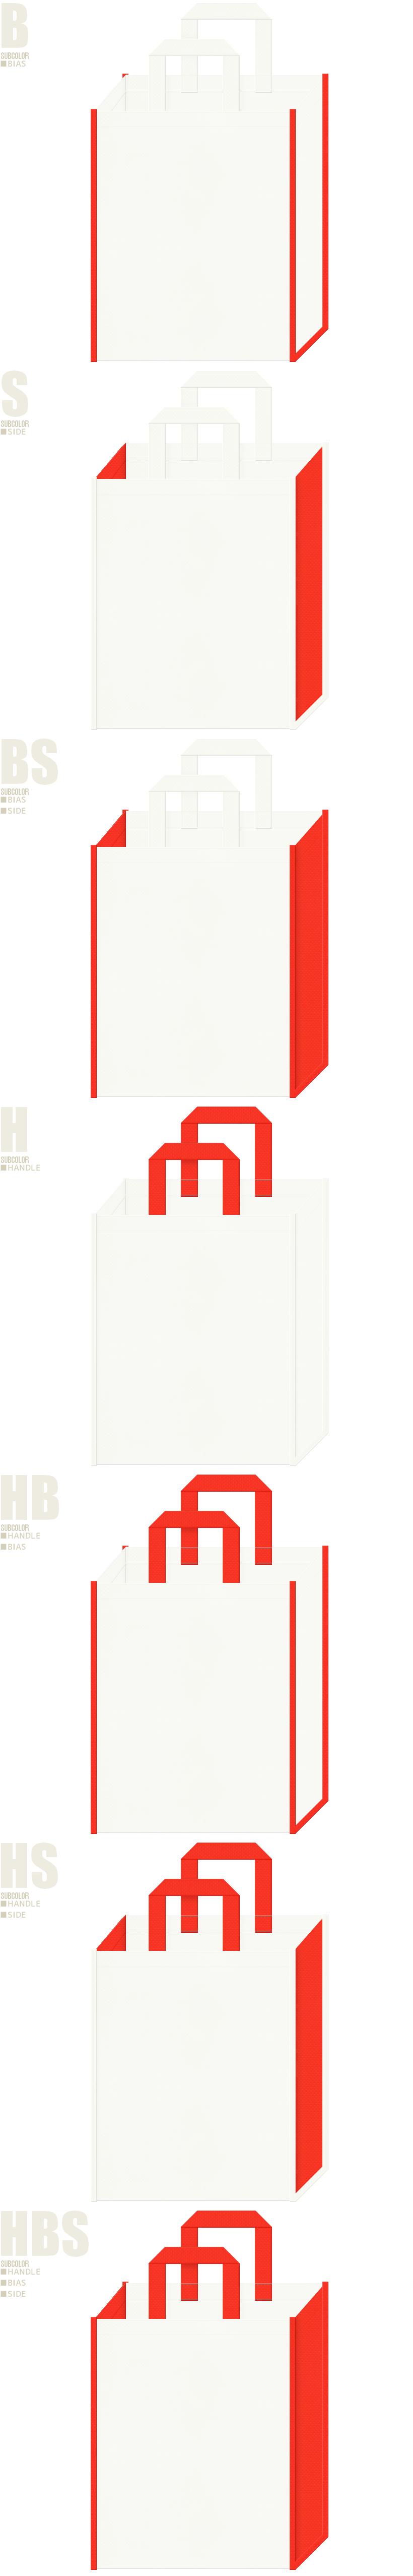 オフホワイト色とオレンジ色、7パターンの不織布トートバッグ配色デザイン例。キッチン用品・サプリメントの展示会用バッグ、レシピセミナーの資料配布用バッグにお奨めです。